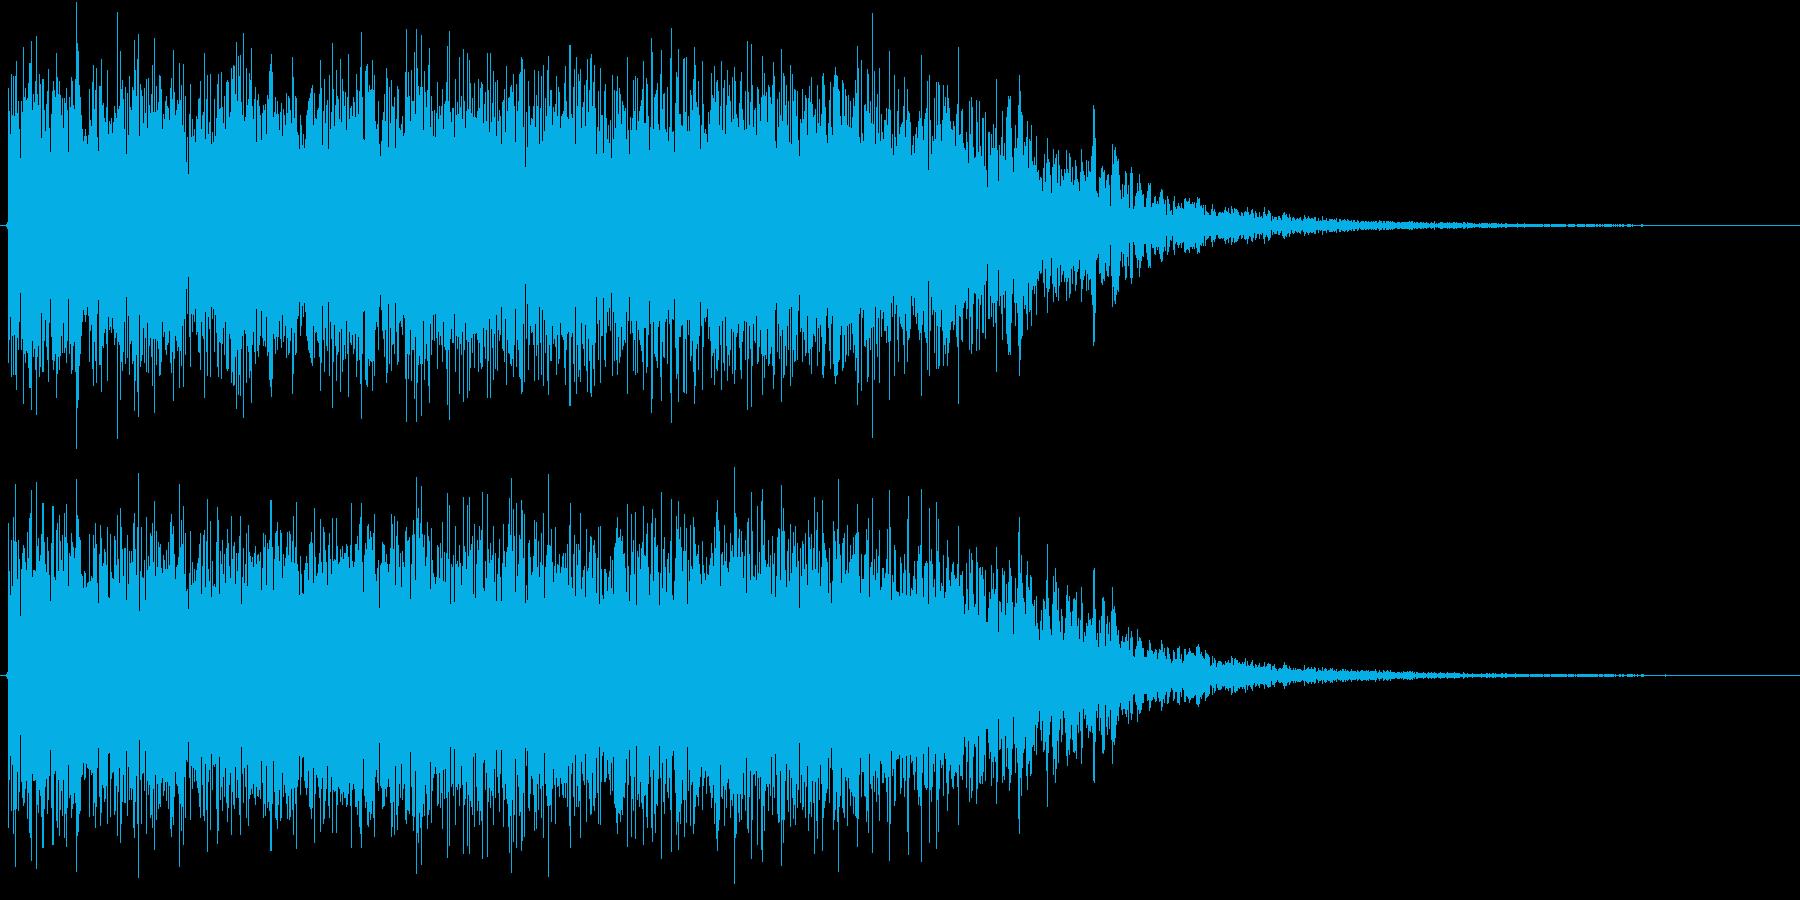 気体系モンスター・魔法の再生済みの波形